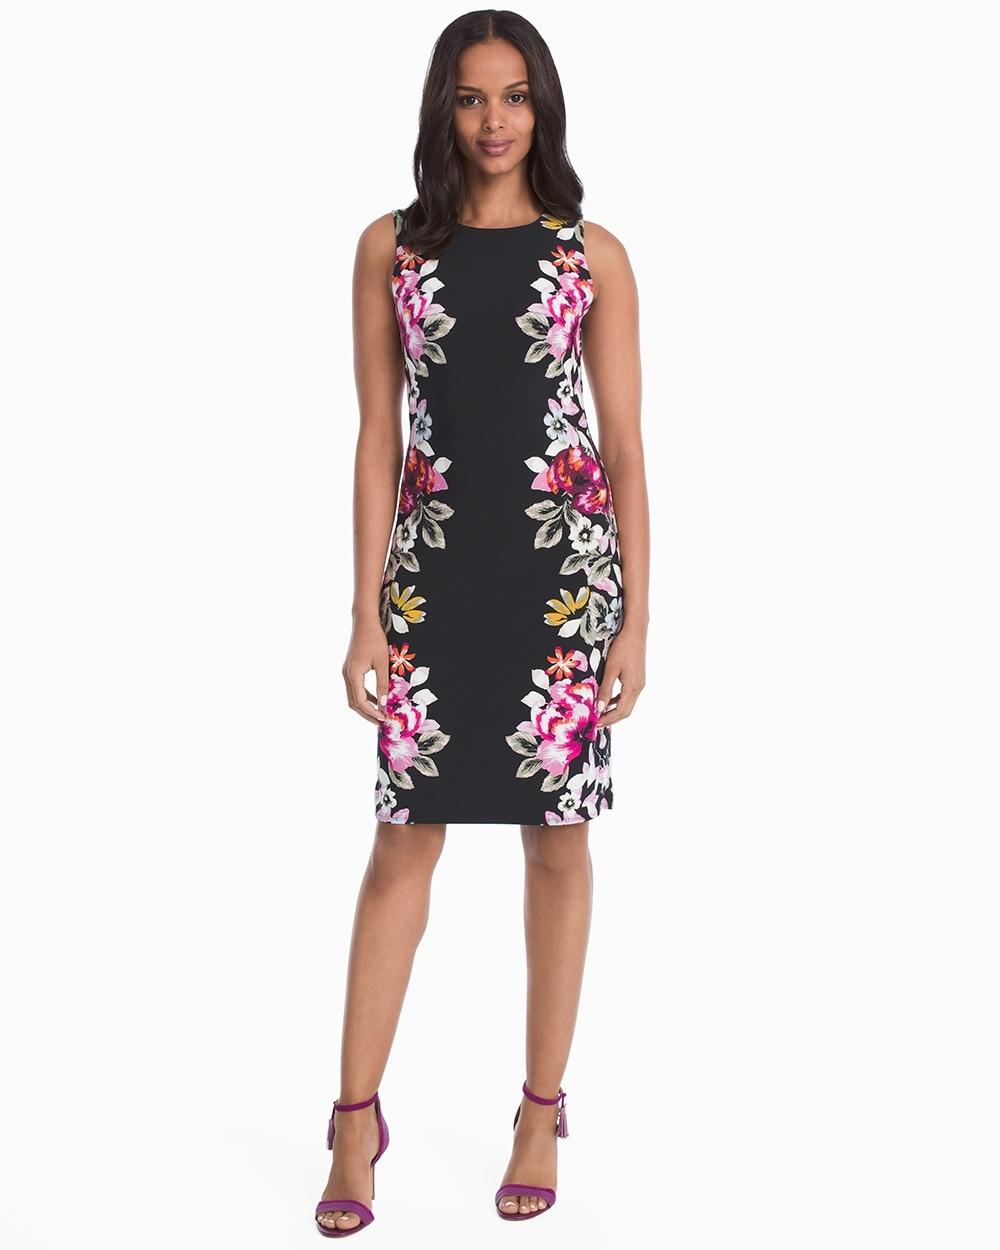 Fl Knit Sheath Dress